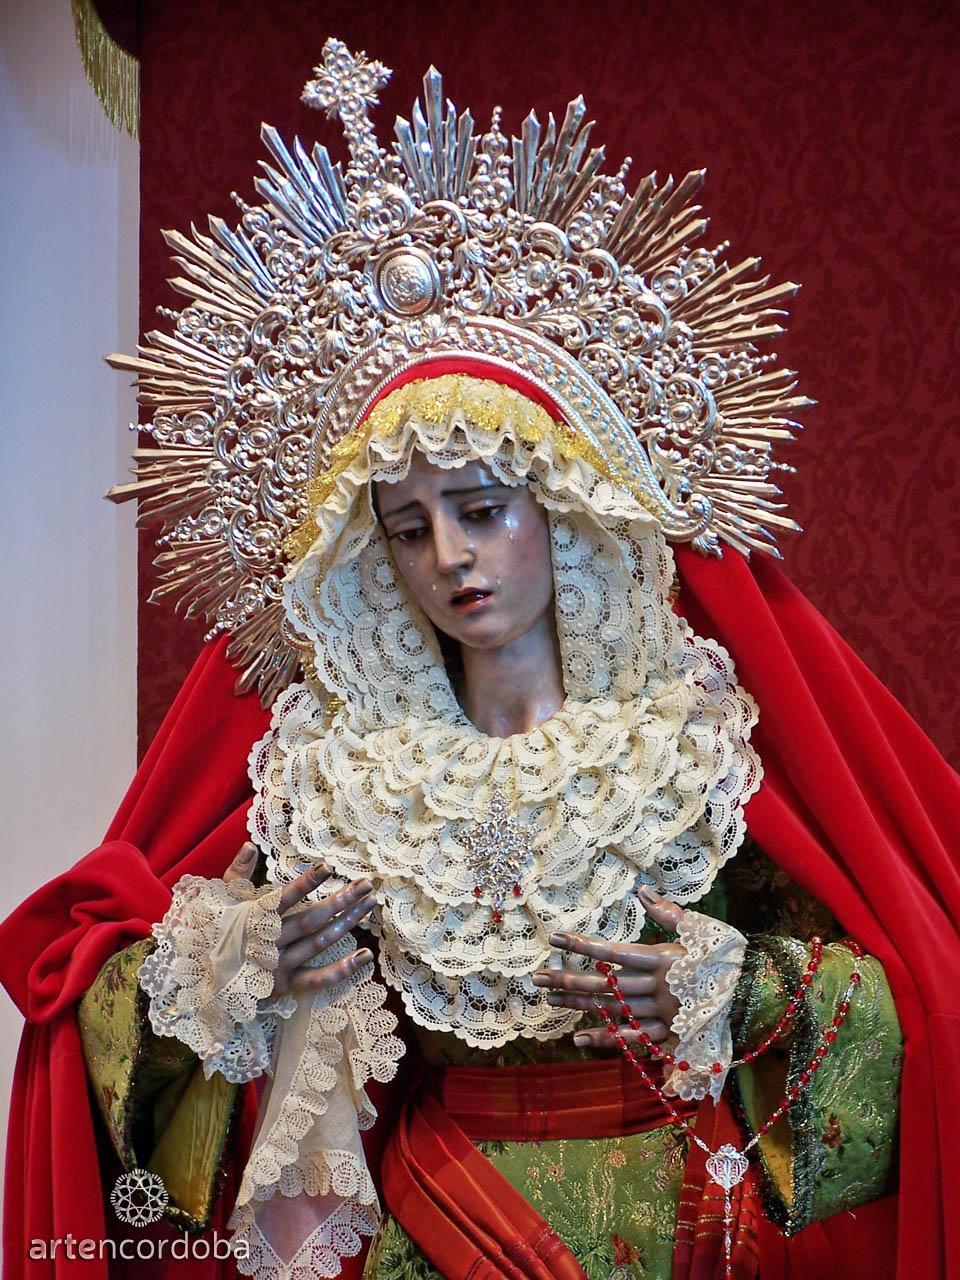 Nuestra Señora de la Salud - Hermandad de la Agonía en Córdoba